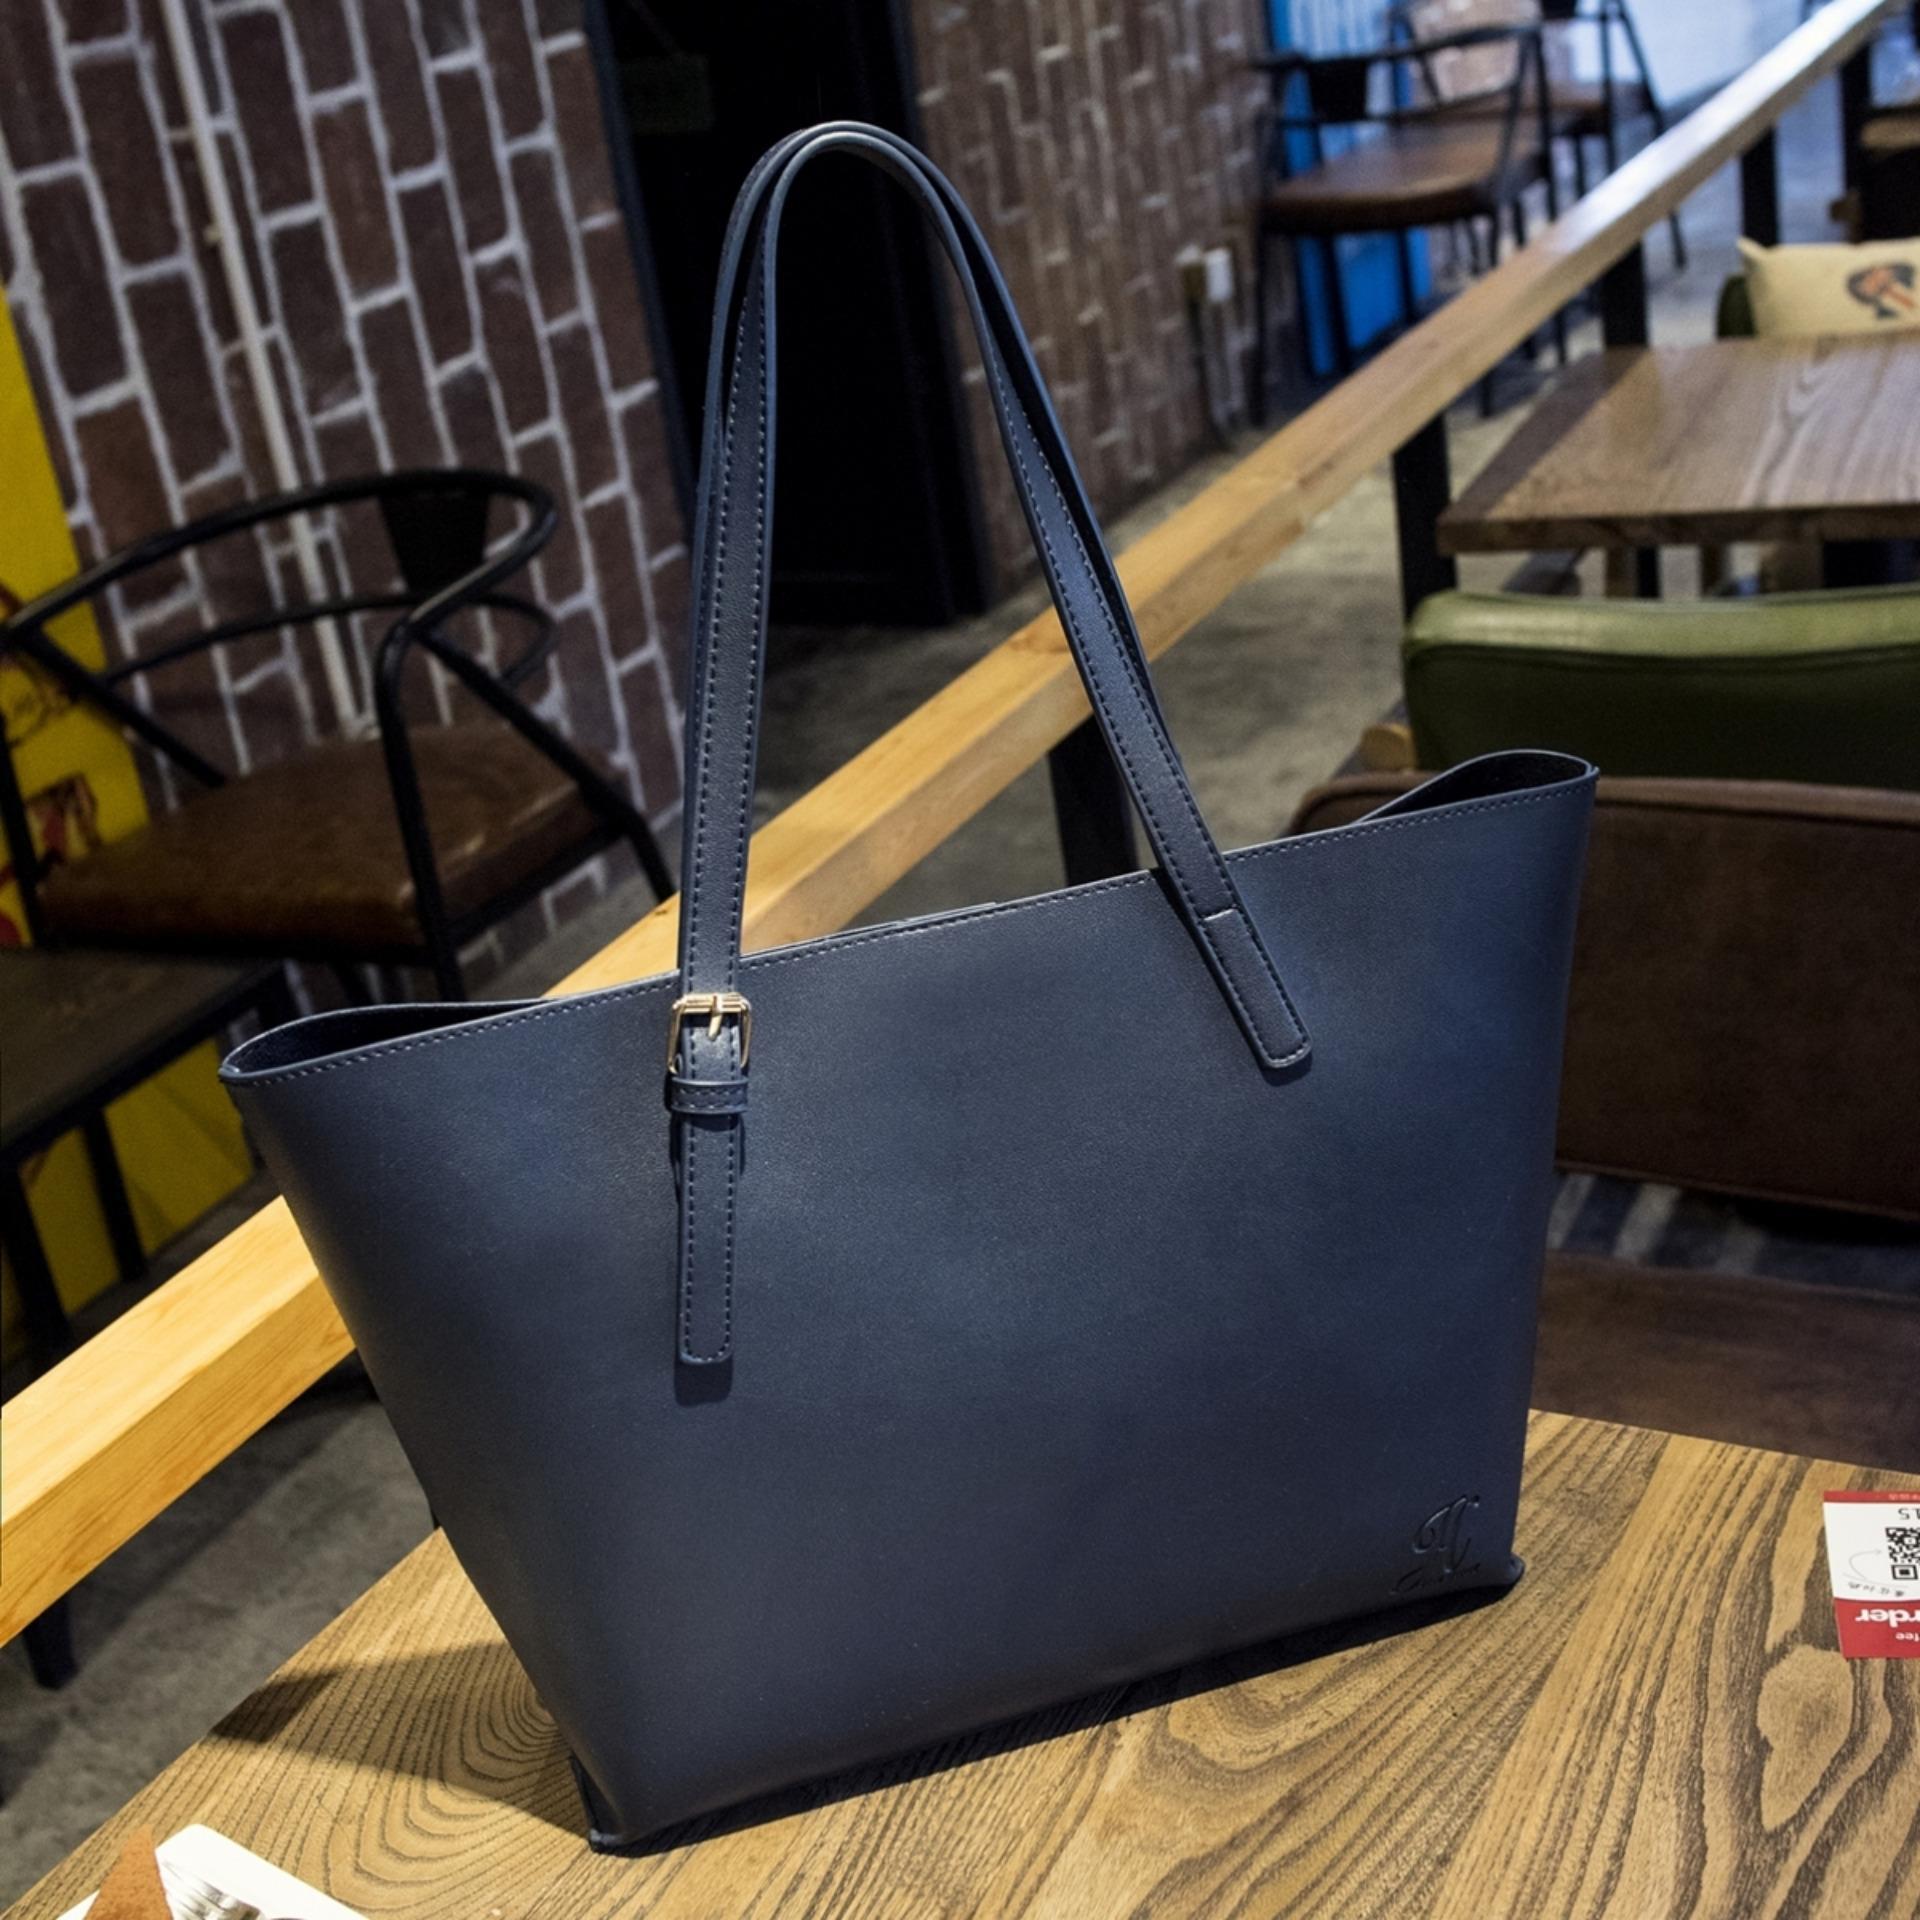 Harga Jims Honey New Tote Bag 2 In 1 Isabella Bag Navy Seken